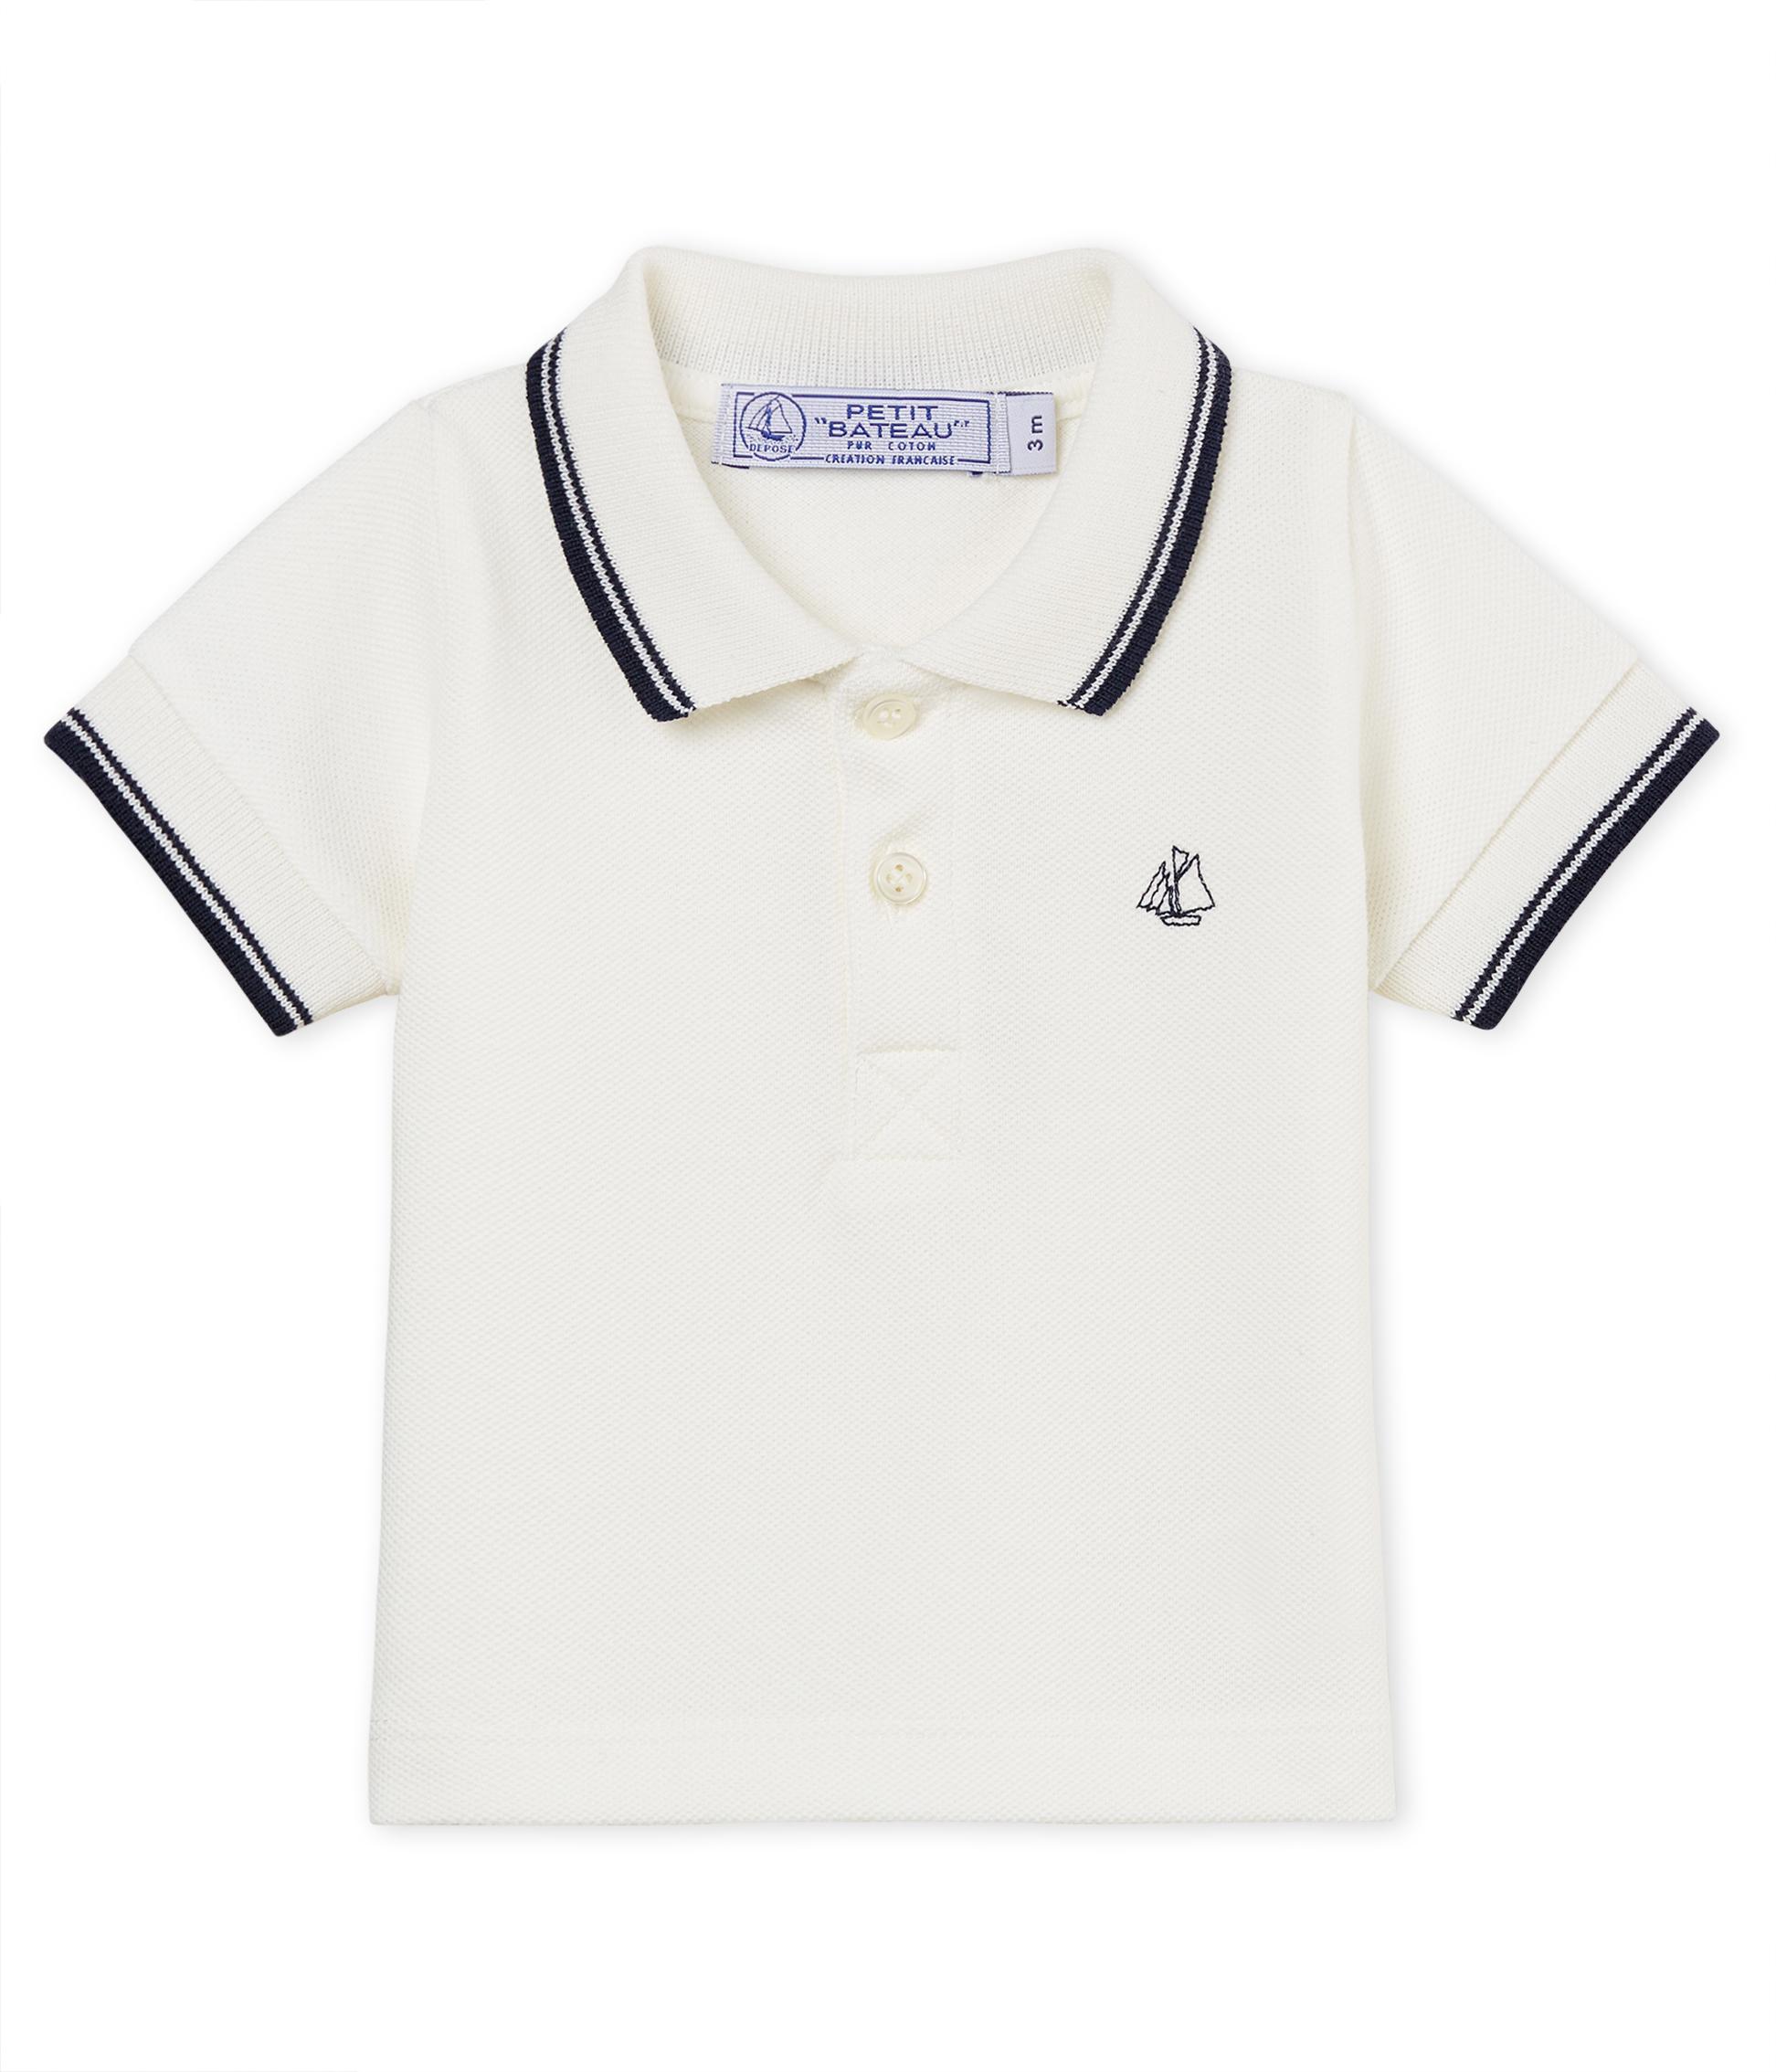 999d58ef97 Baby boys' plain piqué polo shirt | Petit Bateau